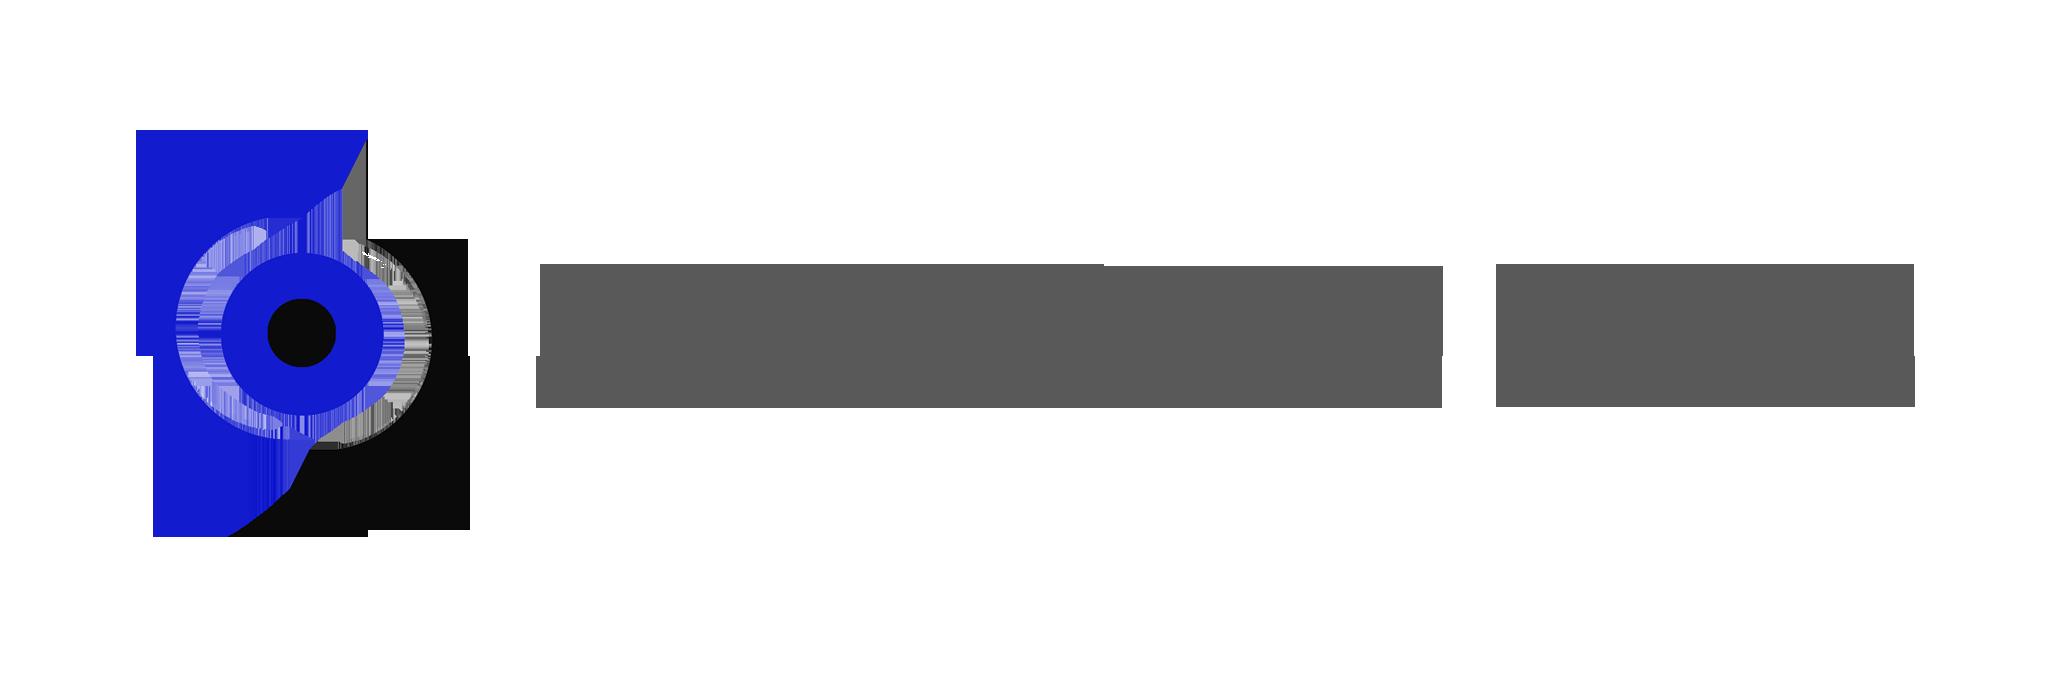 Saccadous company logo